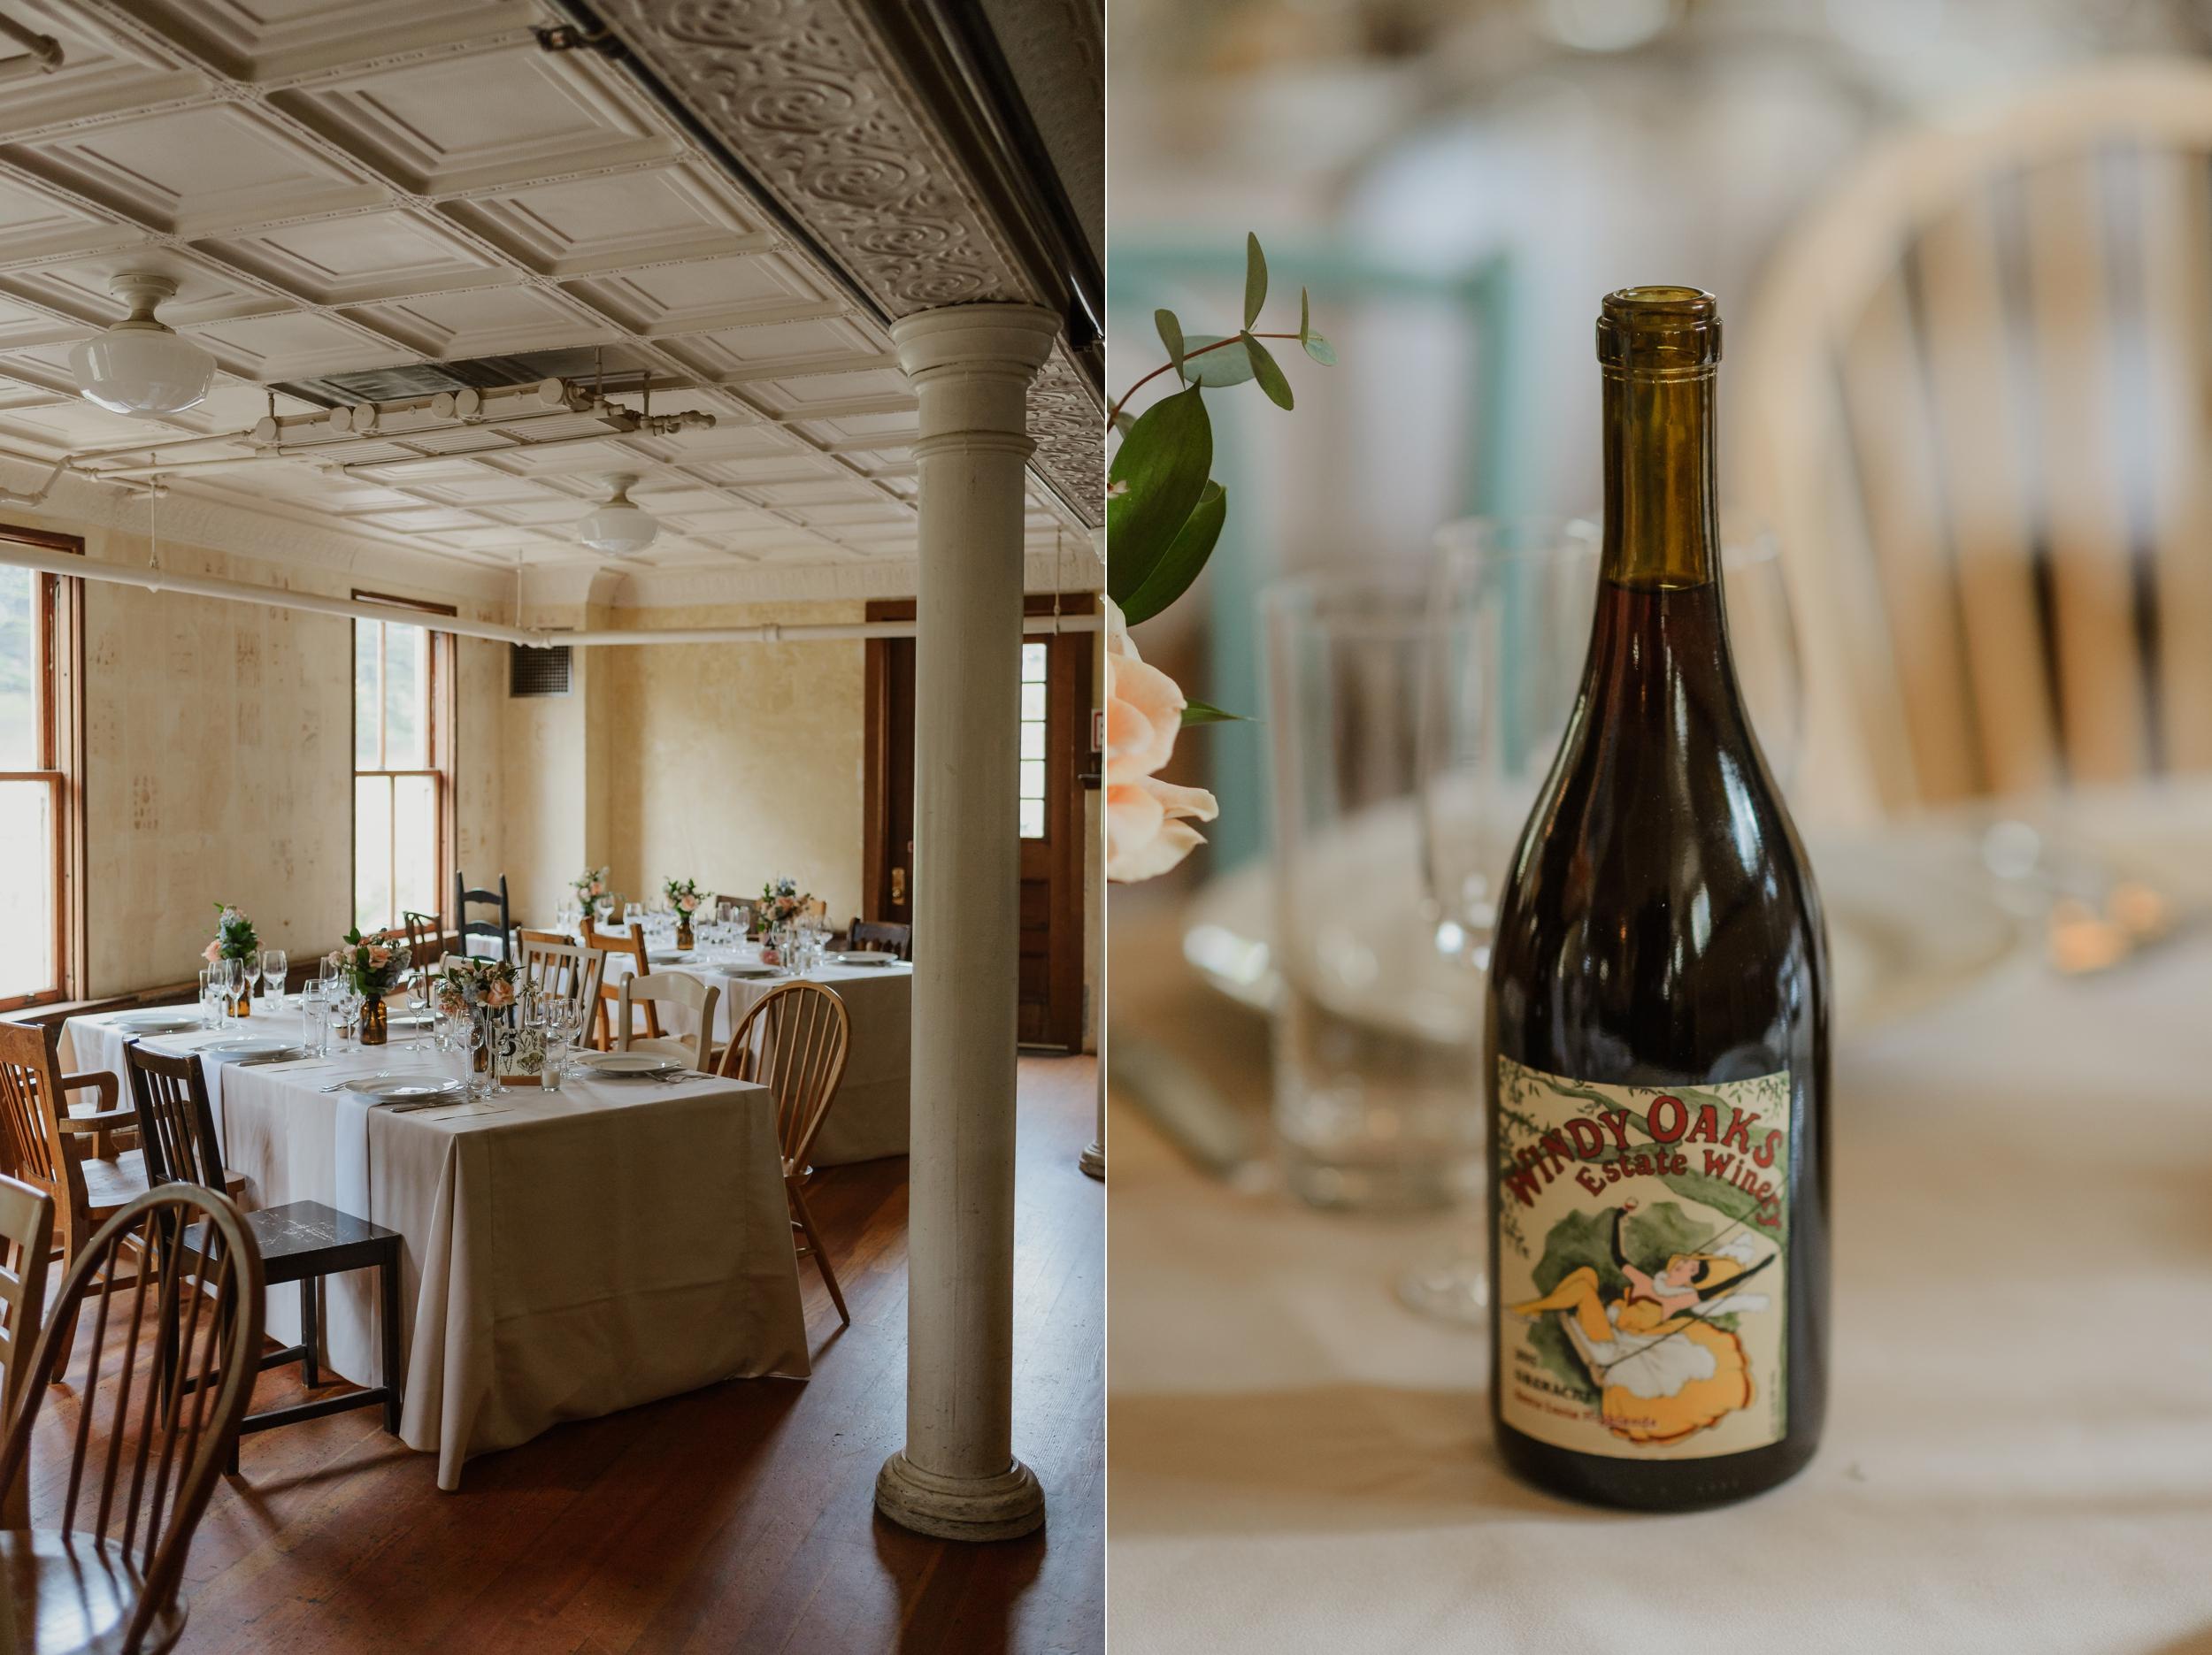 083-san-francisco-headlands-center-for-the-arts-wedding-vivianchen-047_WEB.jpg